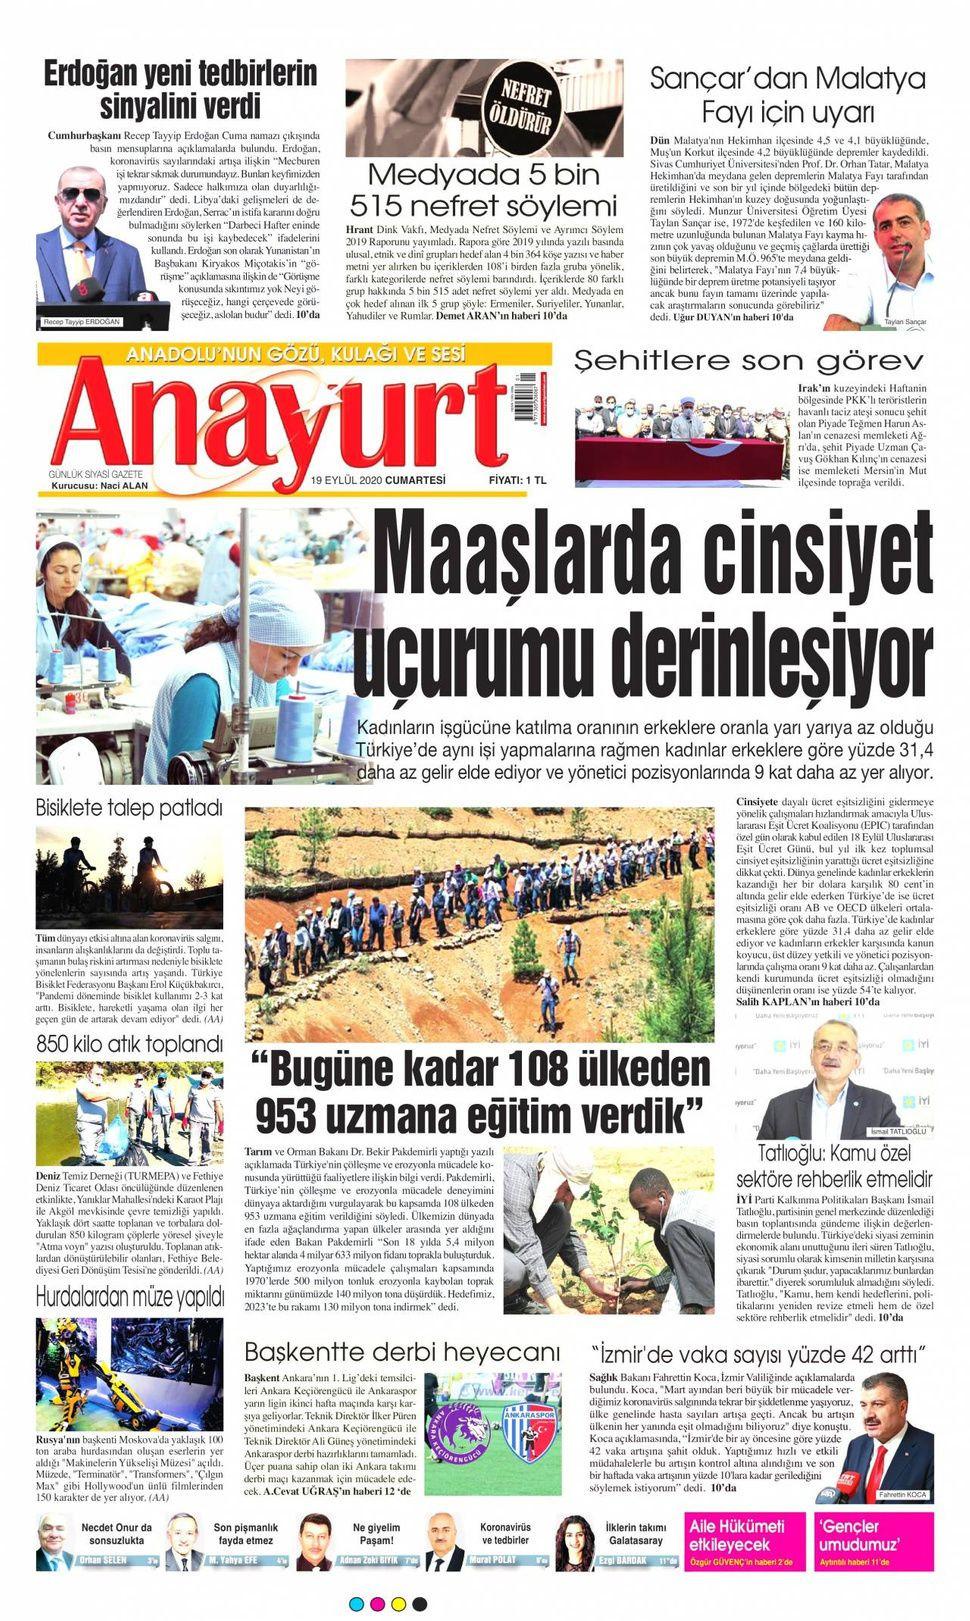 19 Eylül 2020 gazete manşetleri! - Sayfa 2